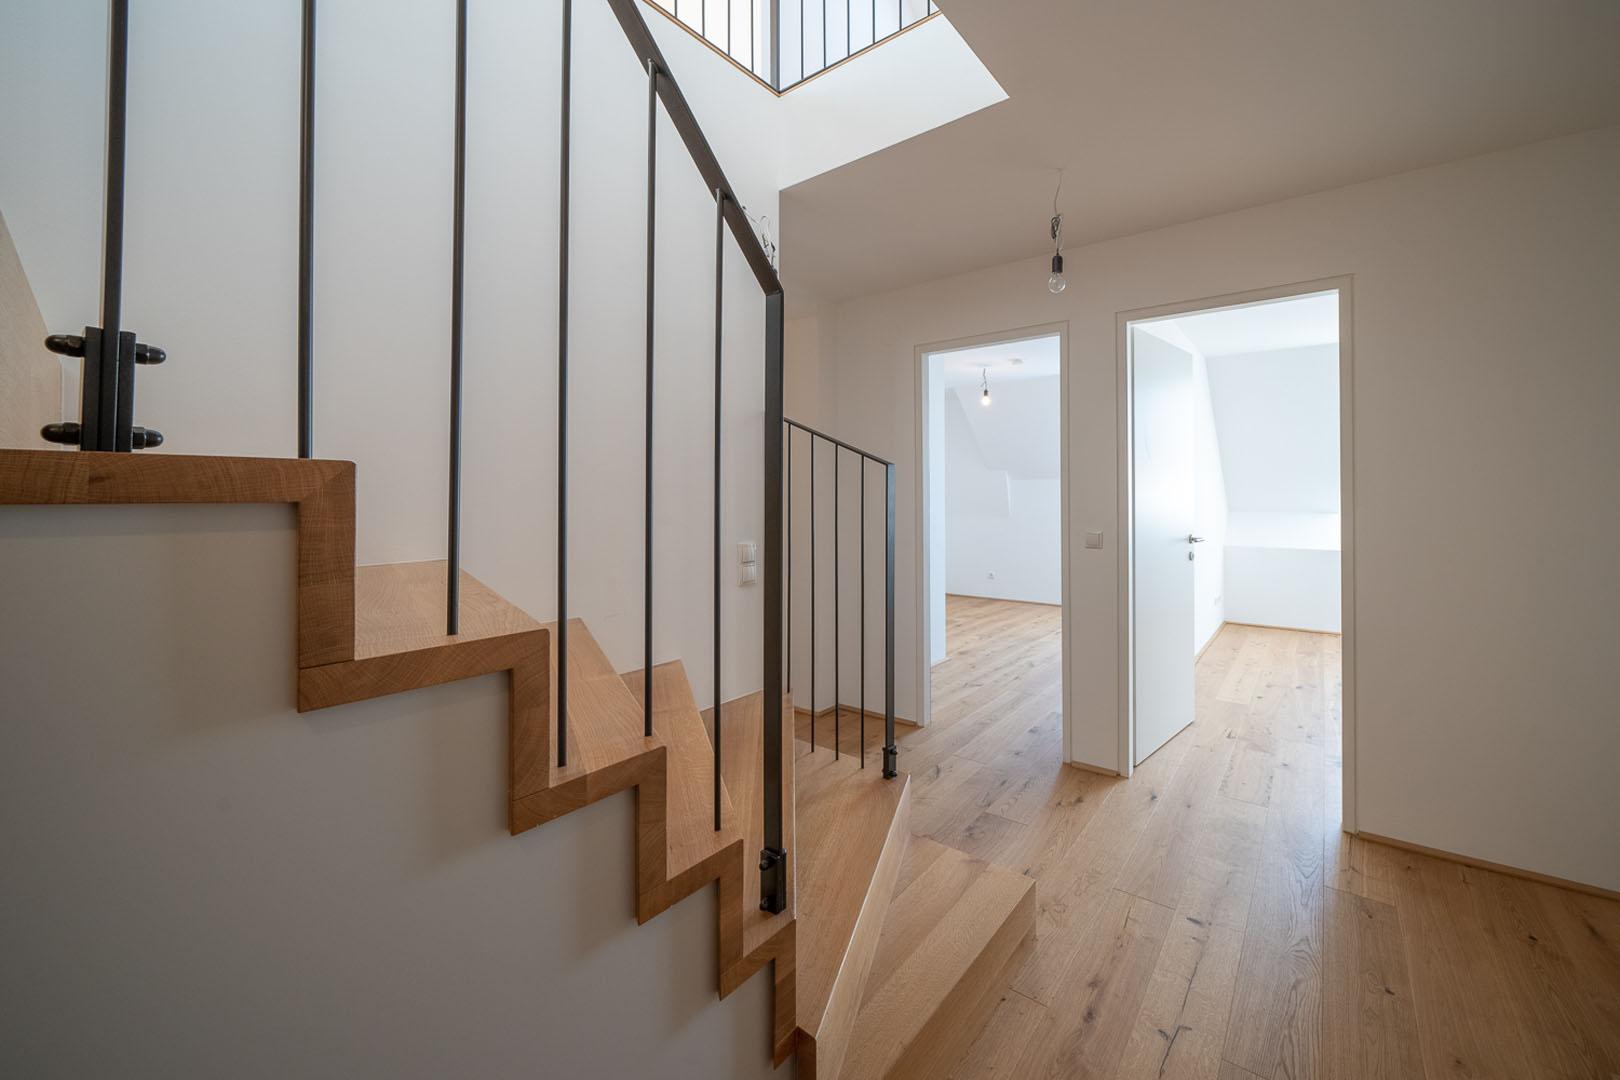 Immobilienfotografie Wohnung Wien von Fotograf Michael Pinzolits